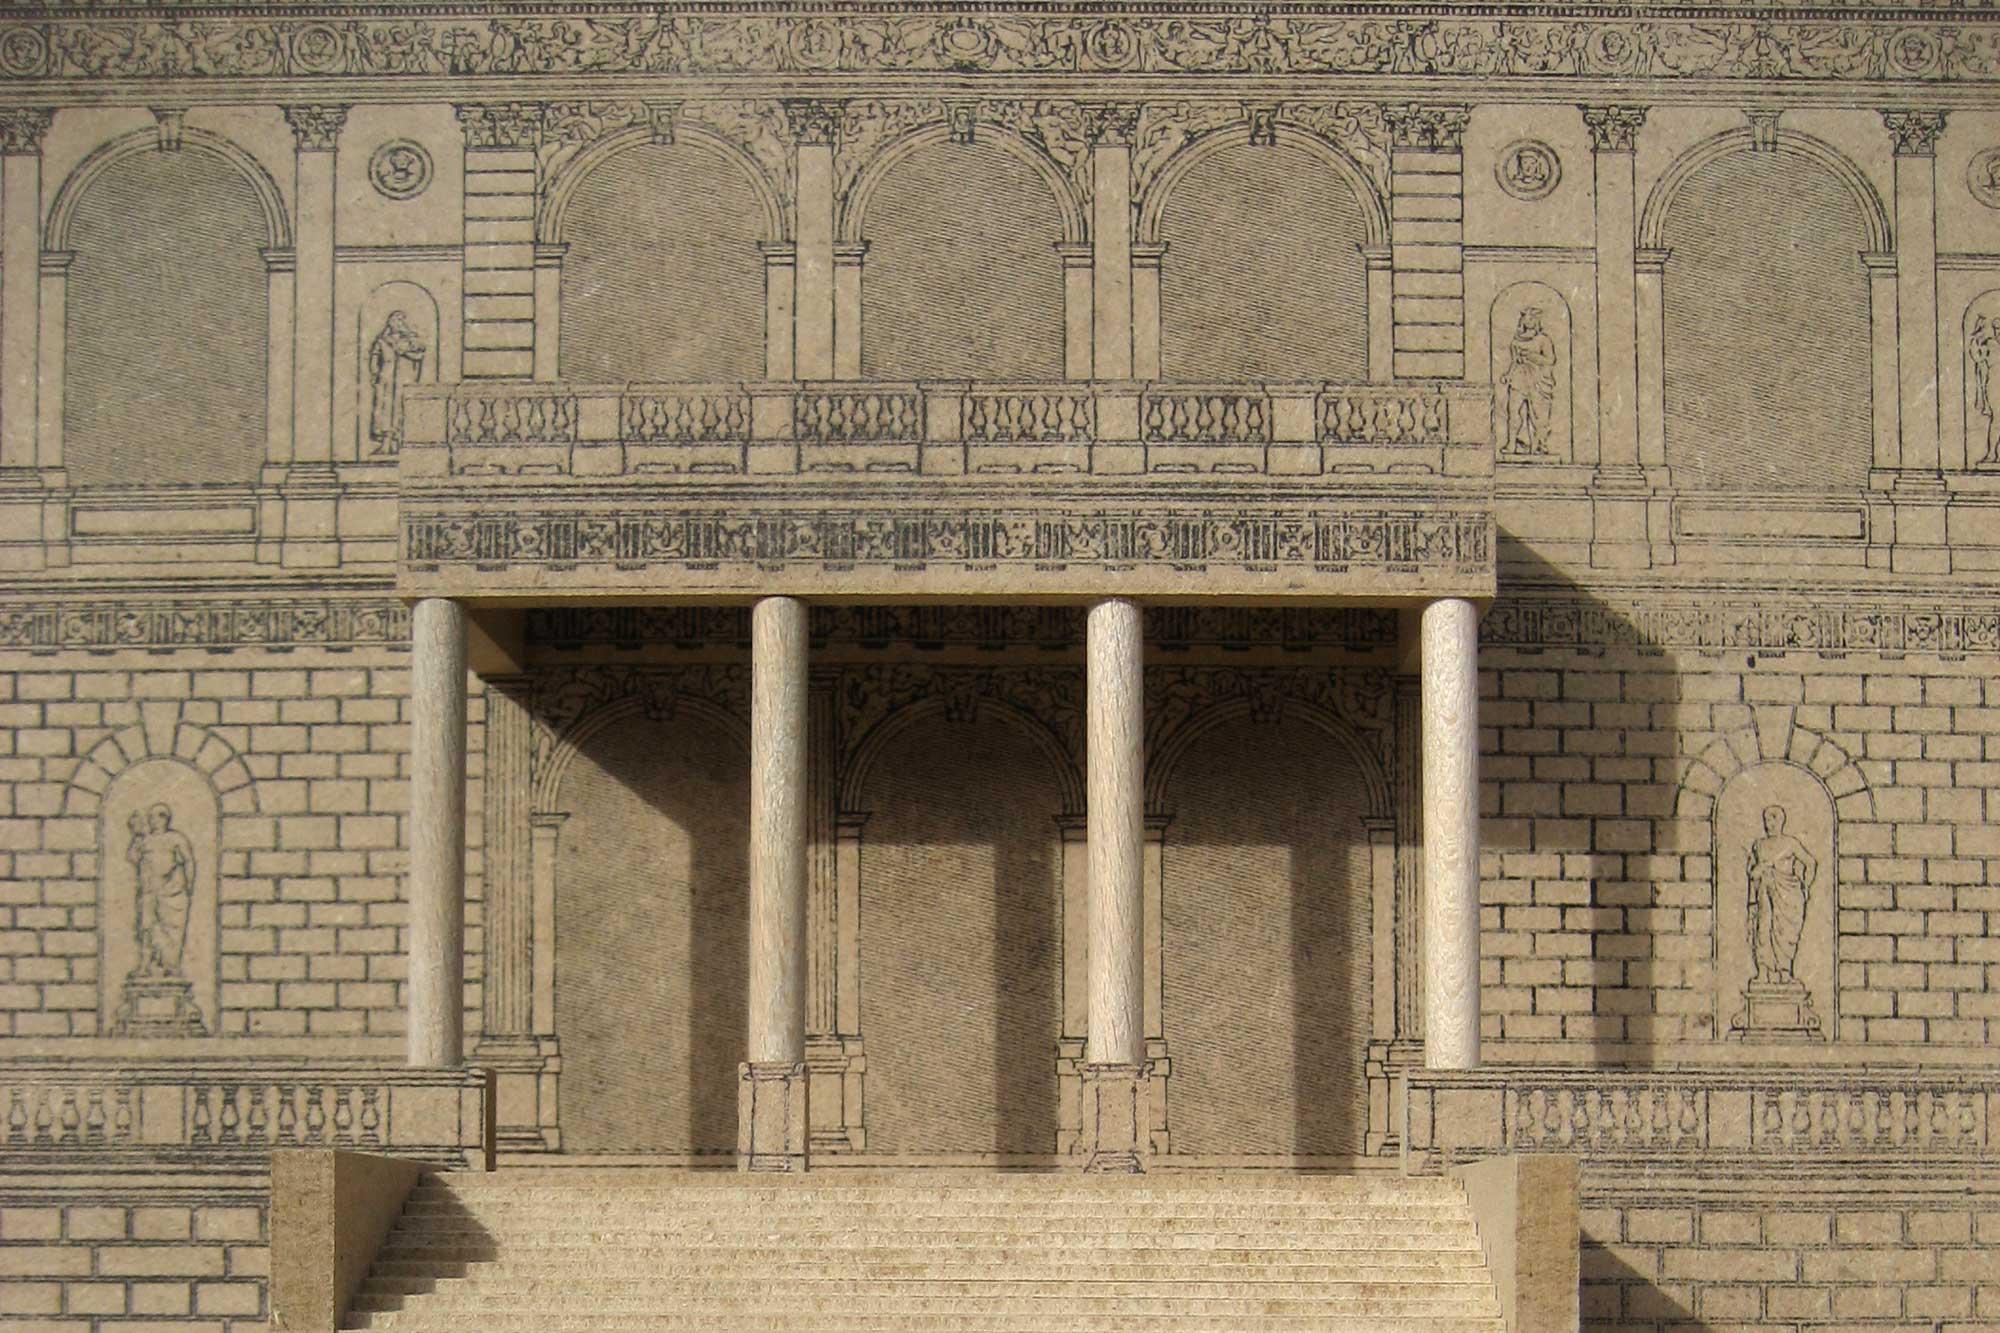 Architekturmodell der Akademie der Bildenden Künste München - Zugang